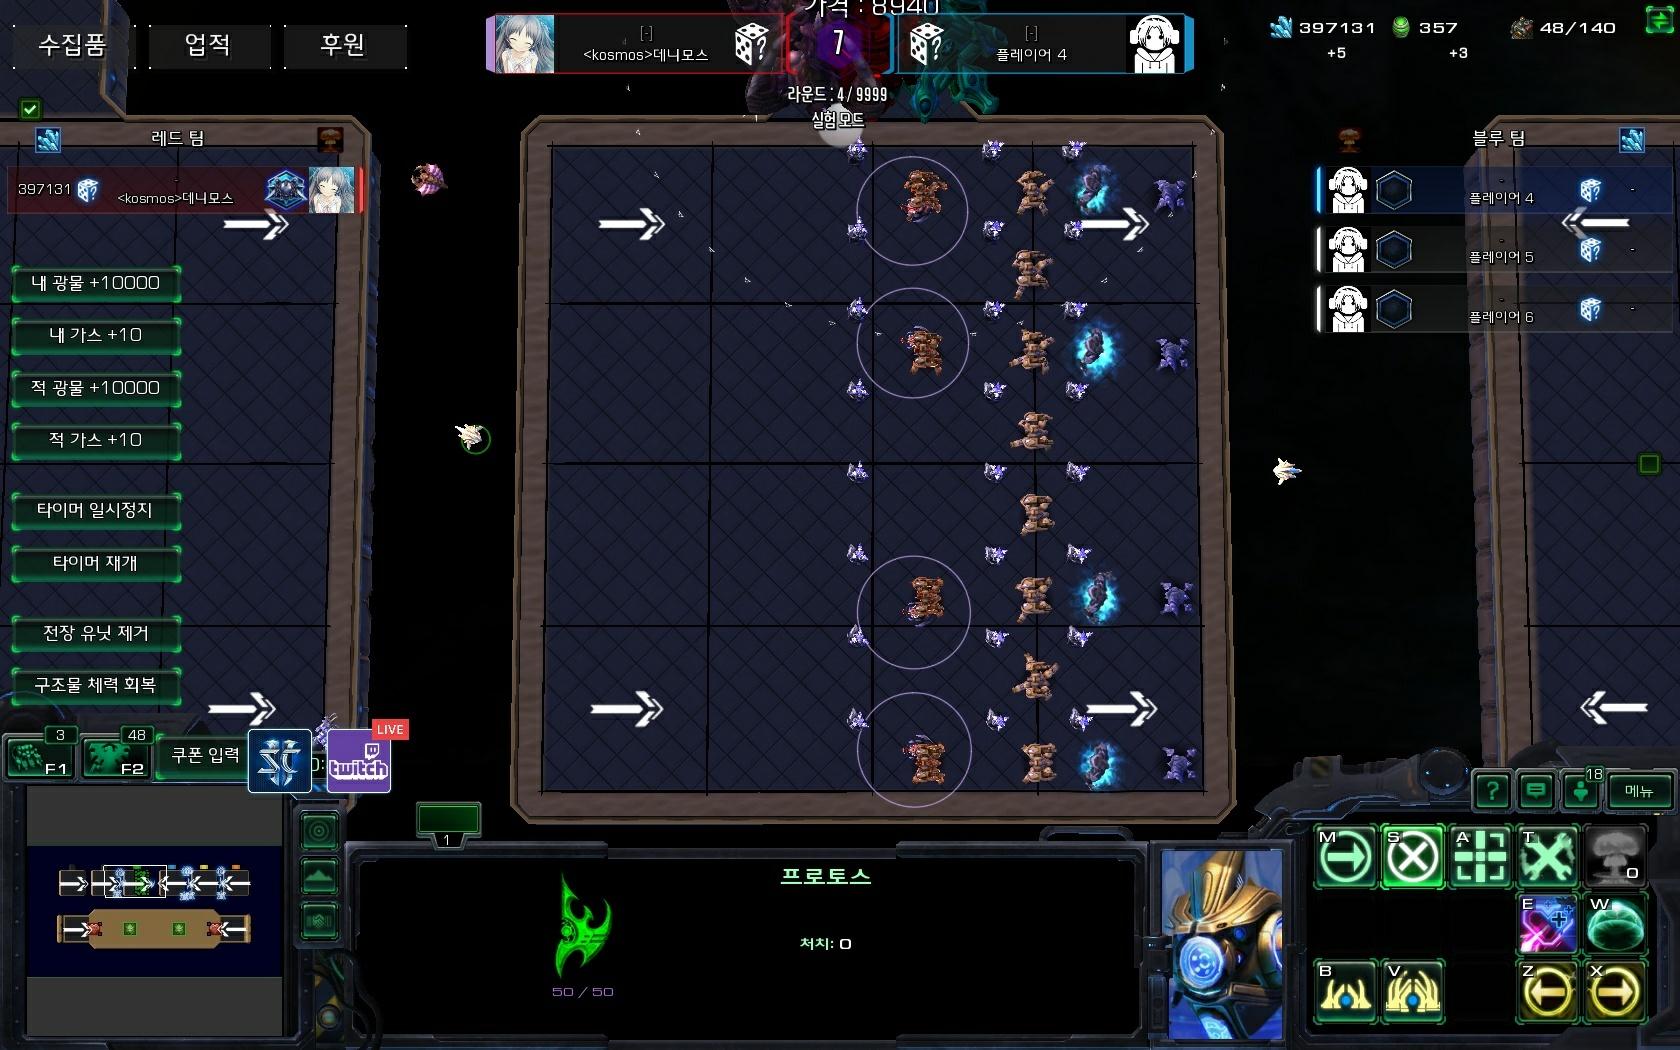 Screenshot2020-08-09 09_29_05.jpg